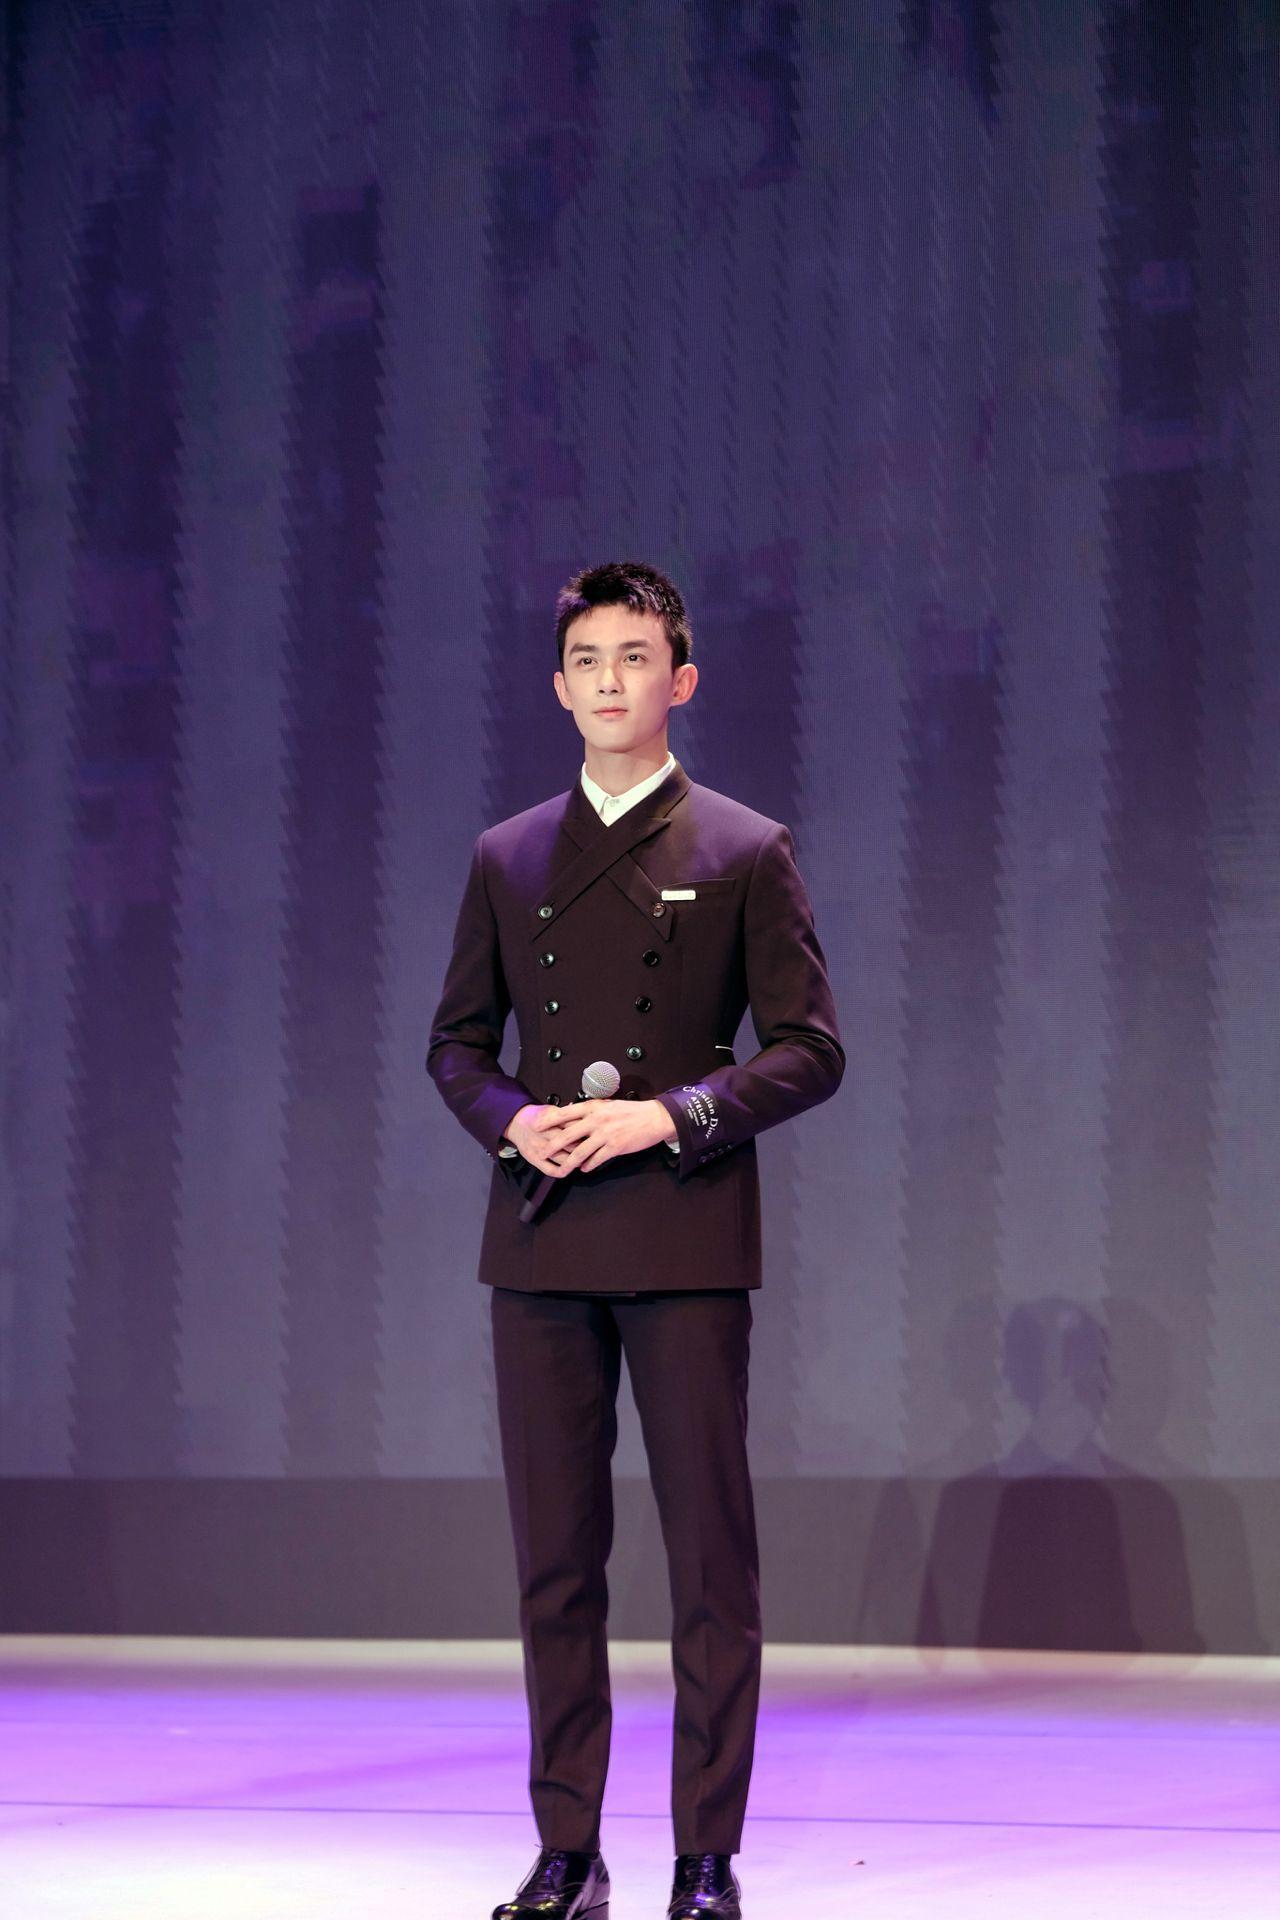 吴磊不仅长得帅,歌唱的也很赞 网友:内外都佳的实力男